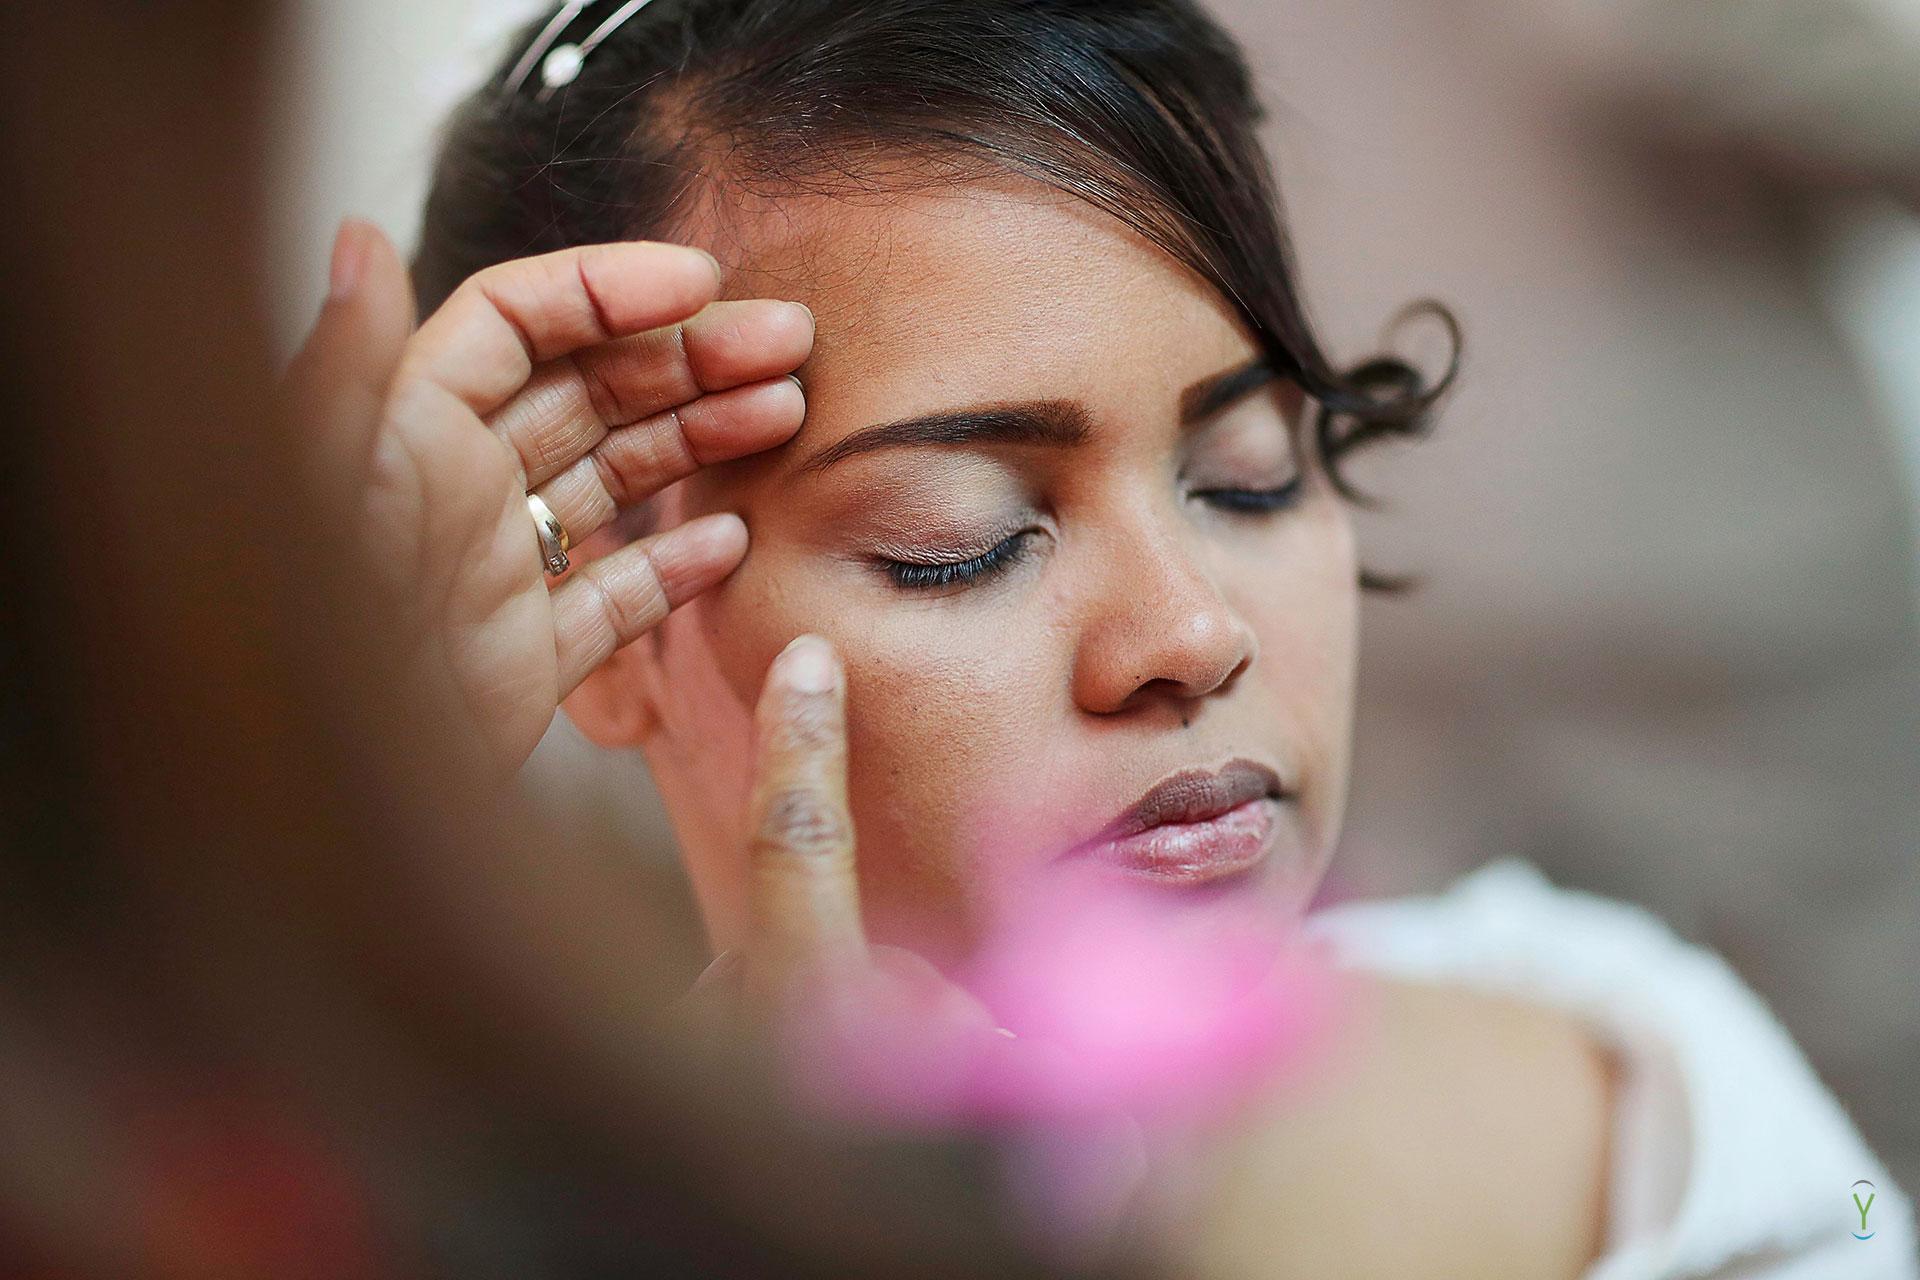 0097_Bq-i_Mariage_prépa_14-09-06 7 clichés importants durant les préparatifs de la mariée